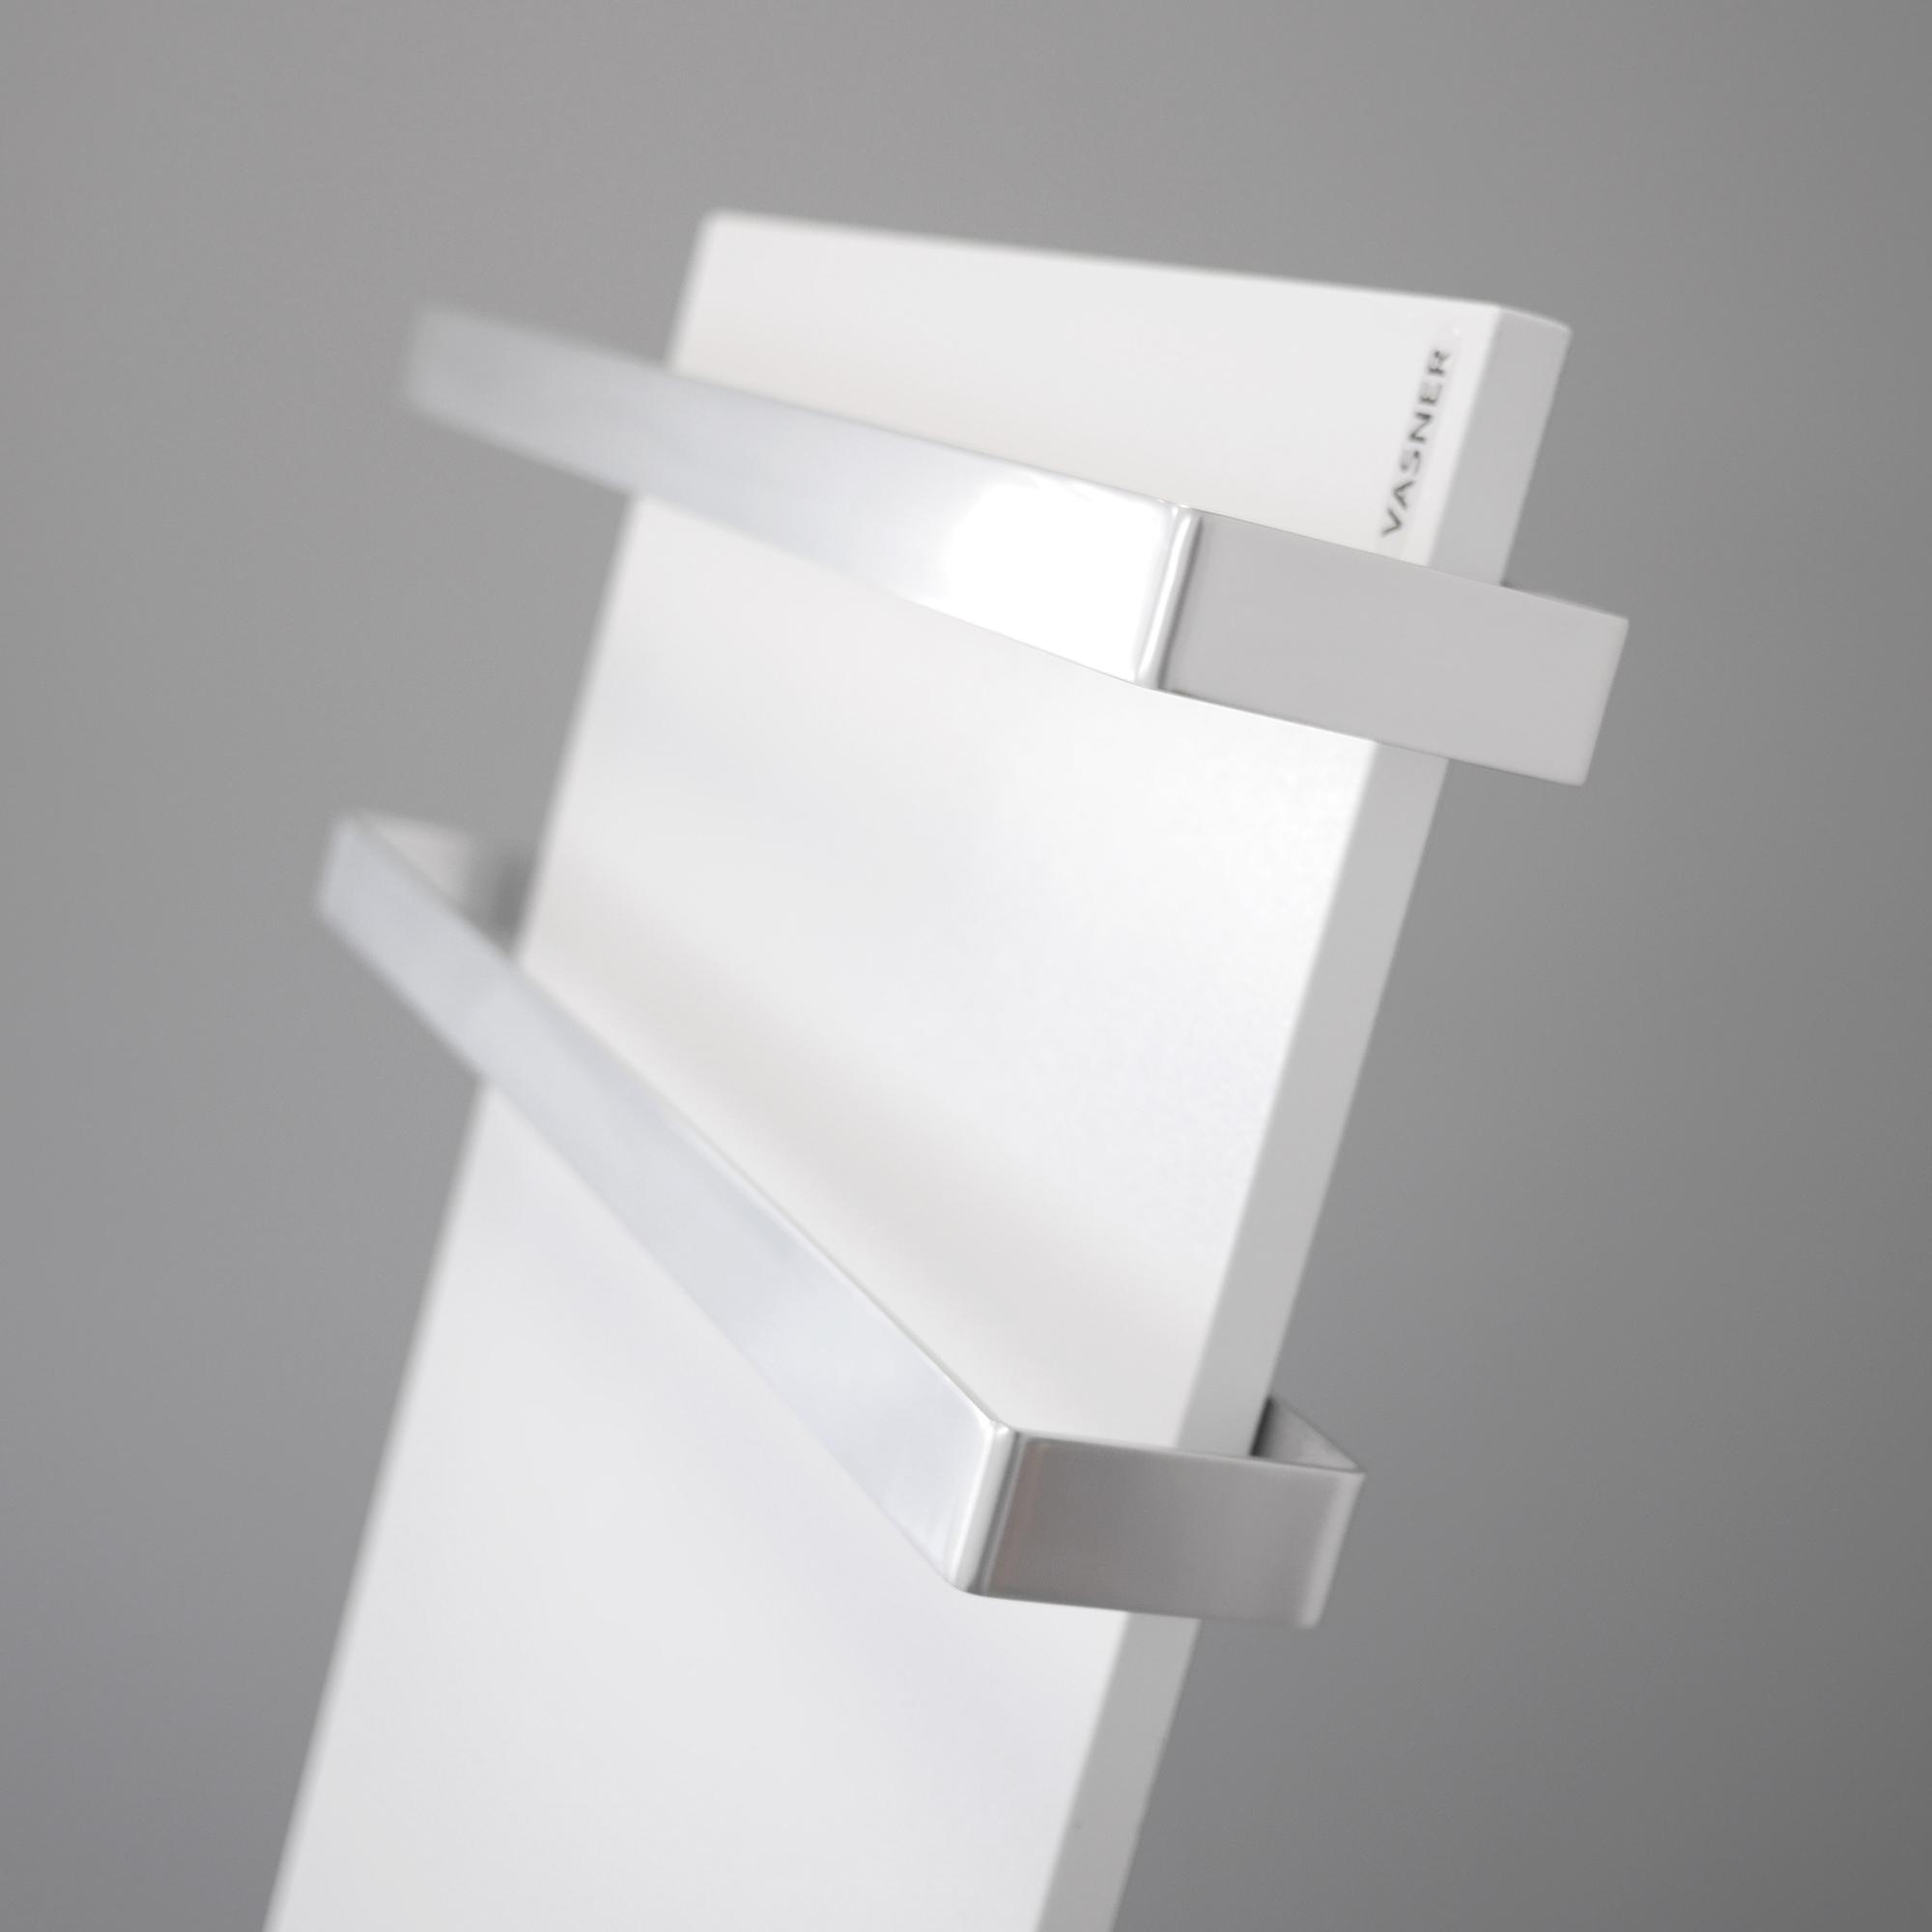 Infrarot Wandheizung VASNER » Für Wohnzimmer, Bad, Büro